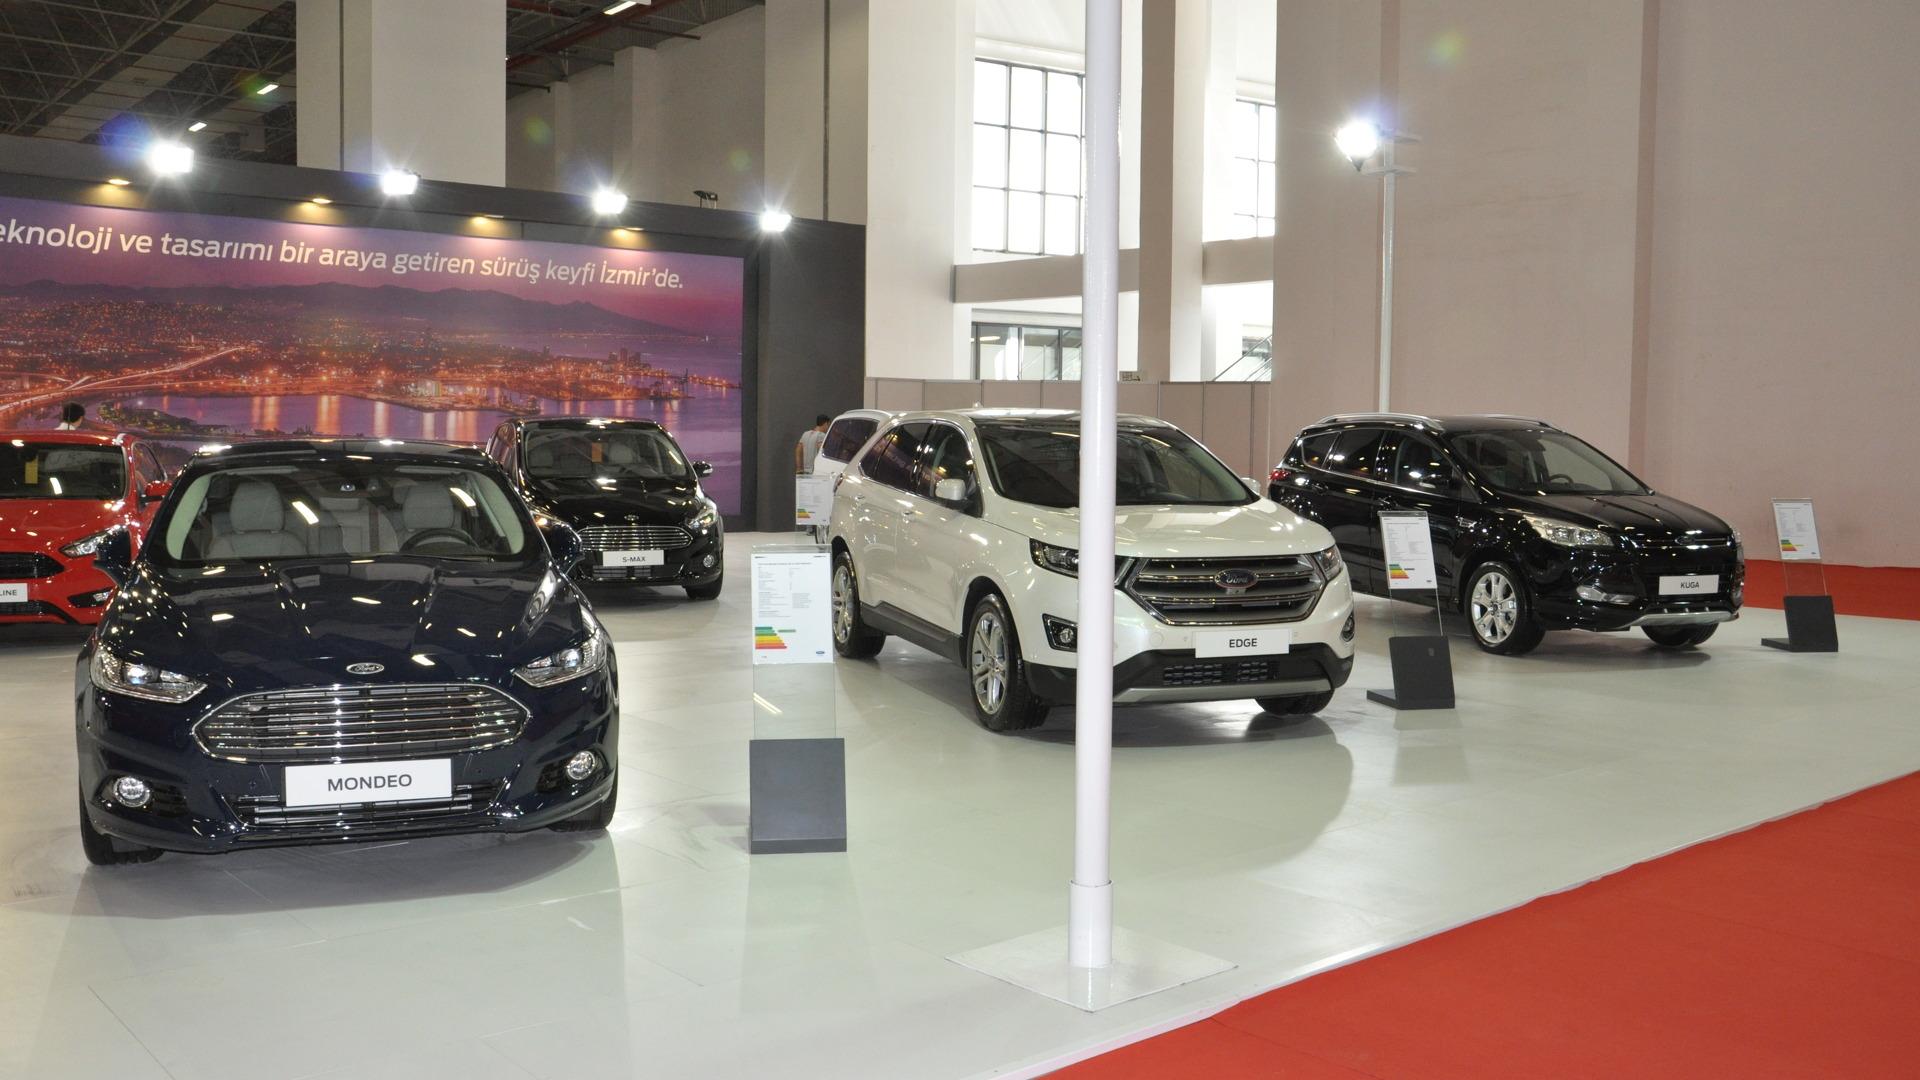 Türkiye'nin ikinci büyük otomobil fuarı başladı